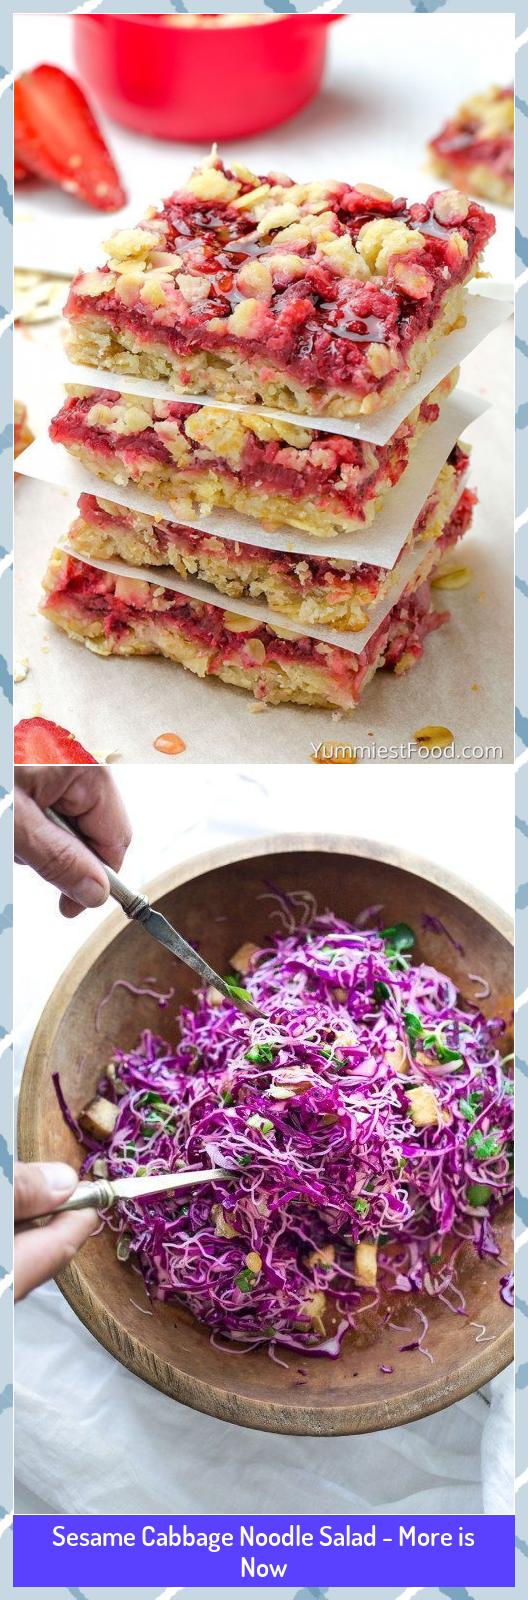 Sesame Cabbage Noodle Salad - More is Now #Cabbage #Noodle #Salad #Sesame